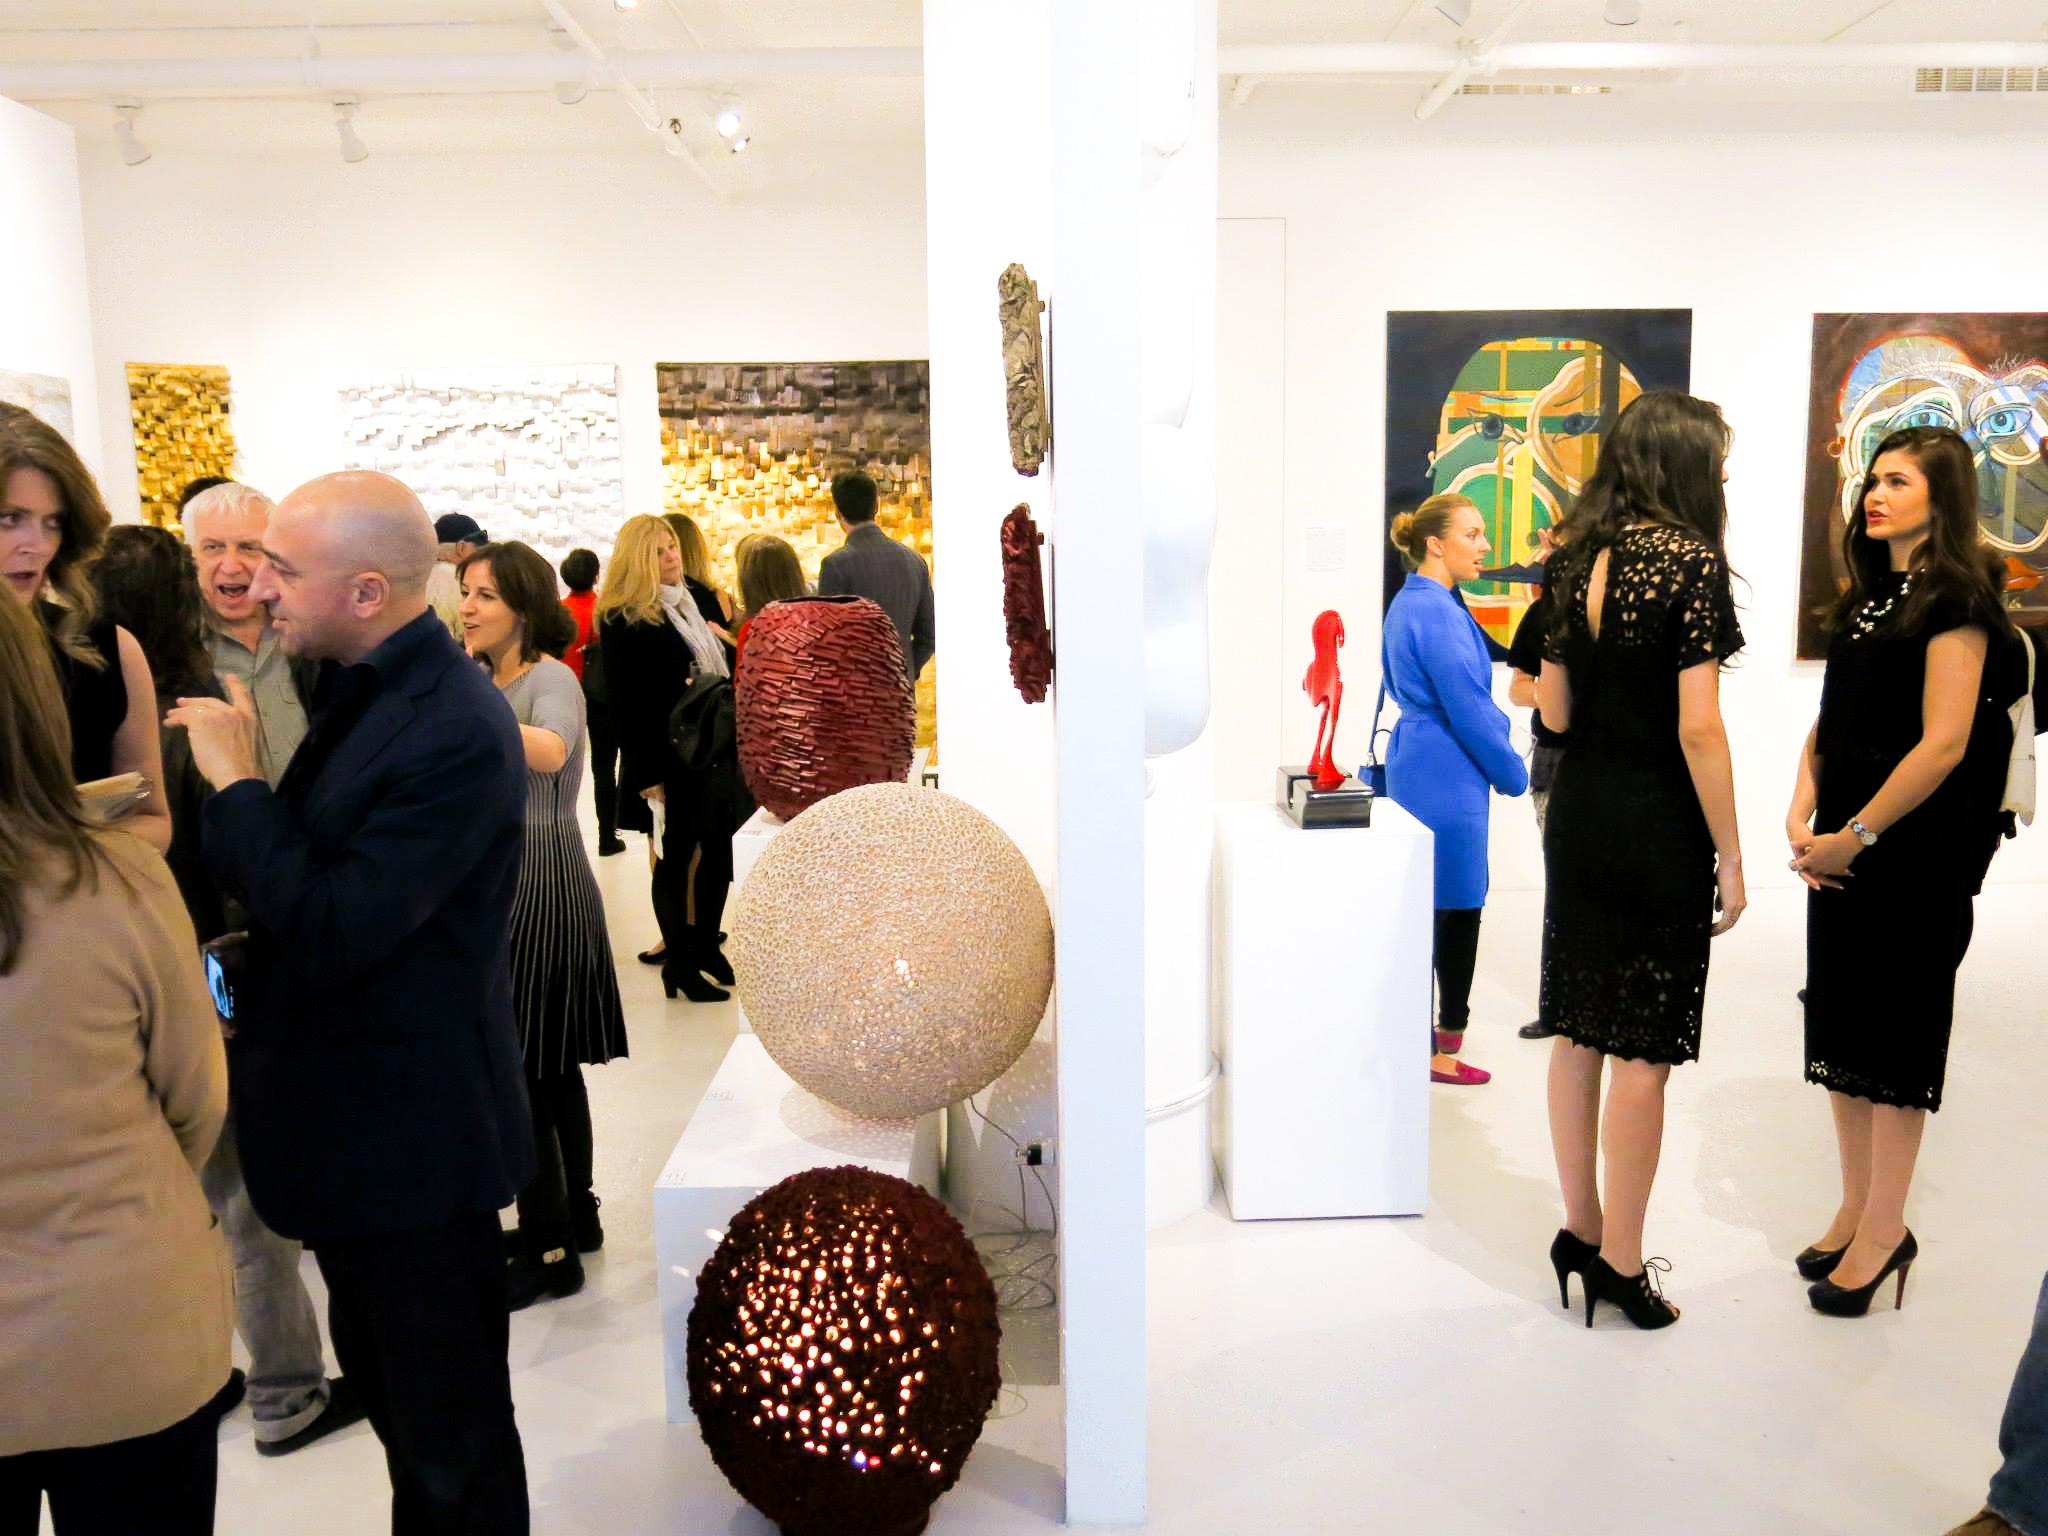 A lezione di gusto e nomadismo da clen gallery - Article by La VOCE di New York